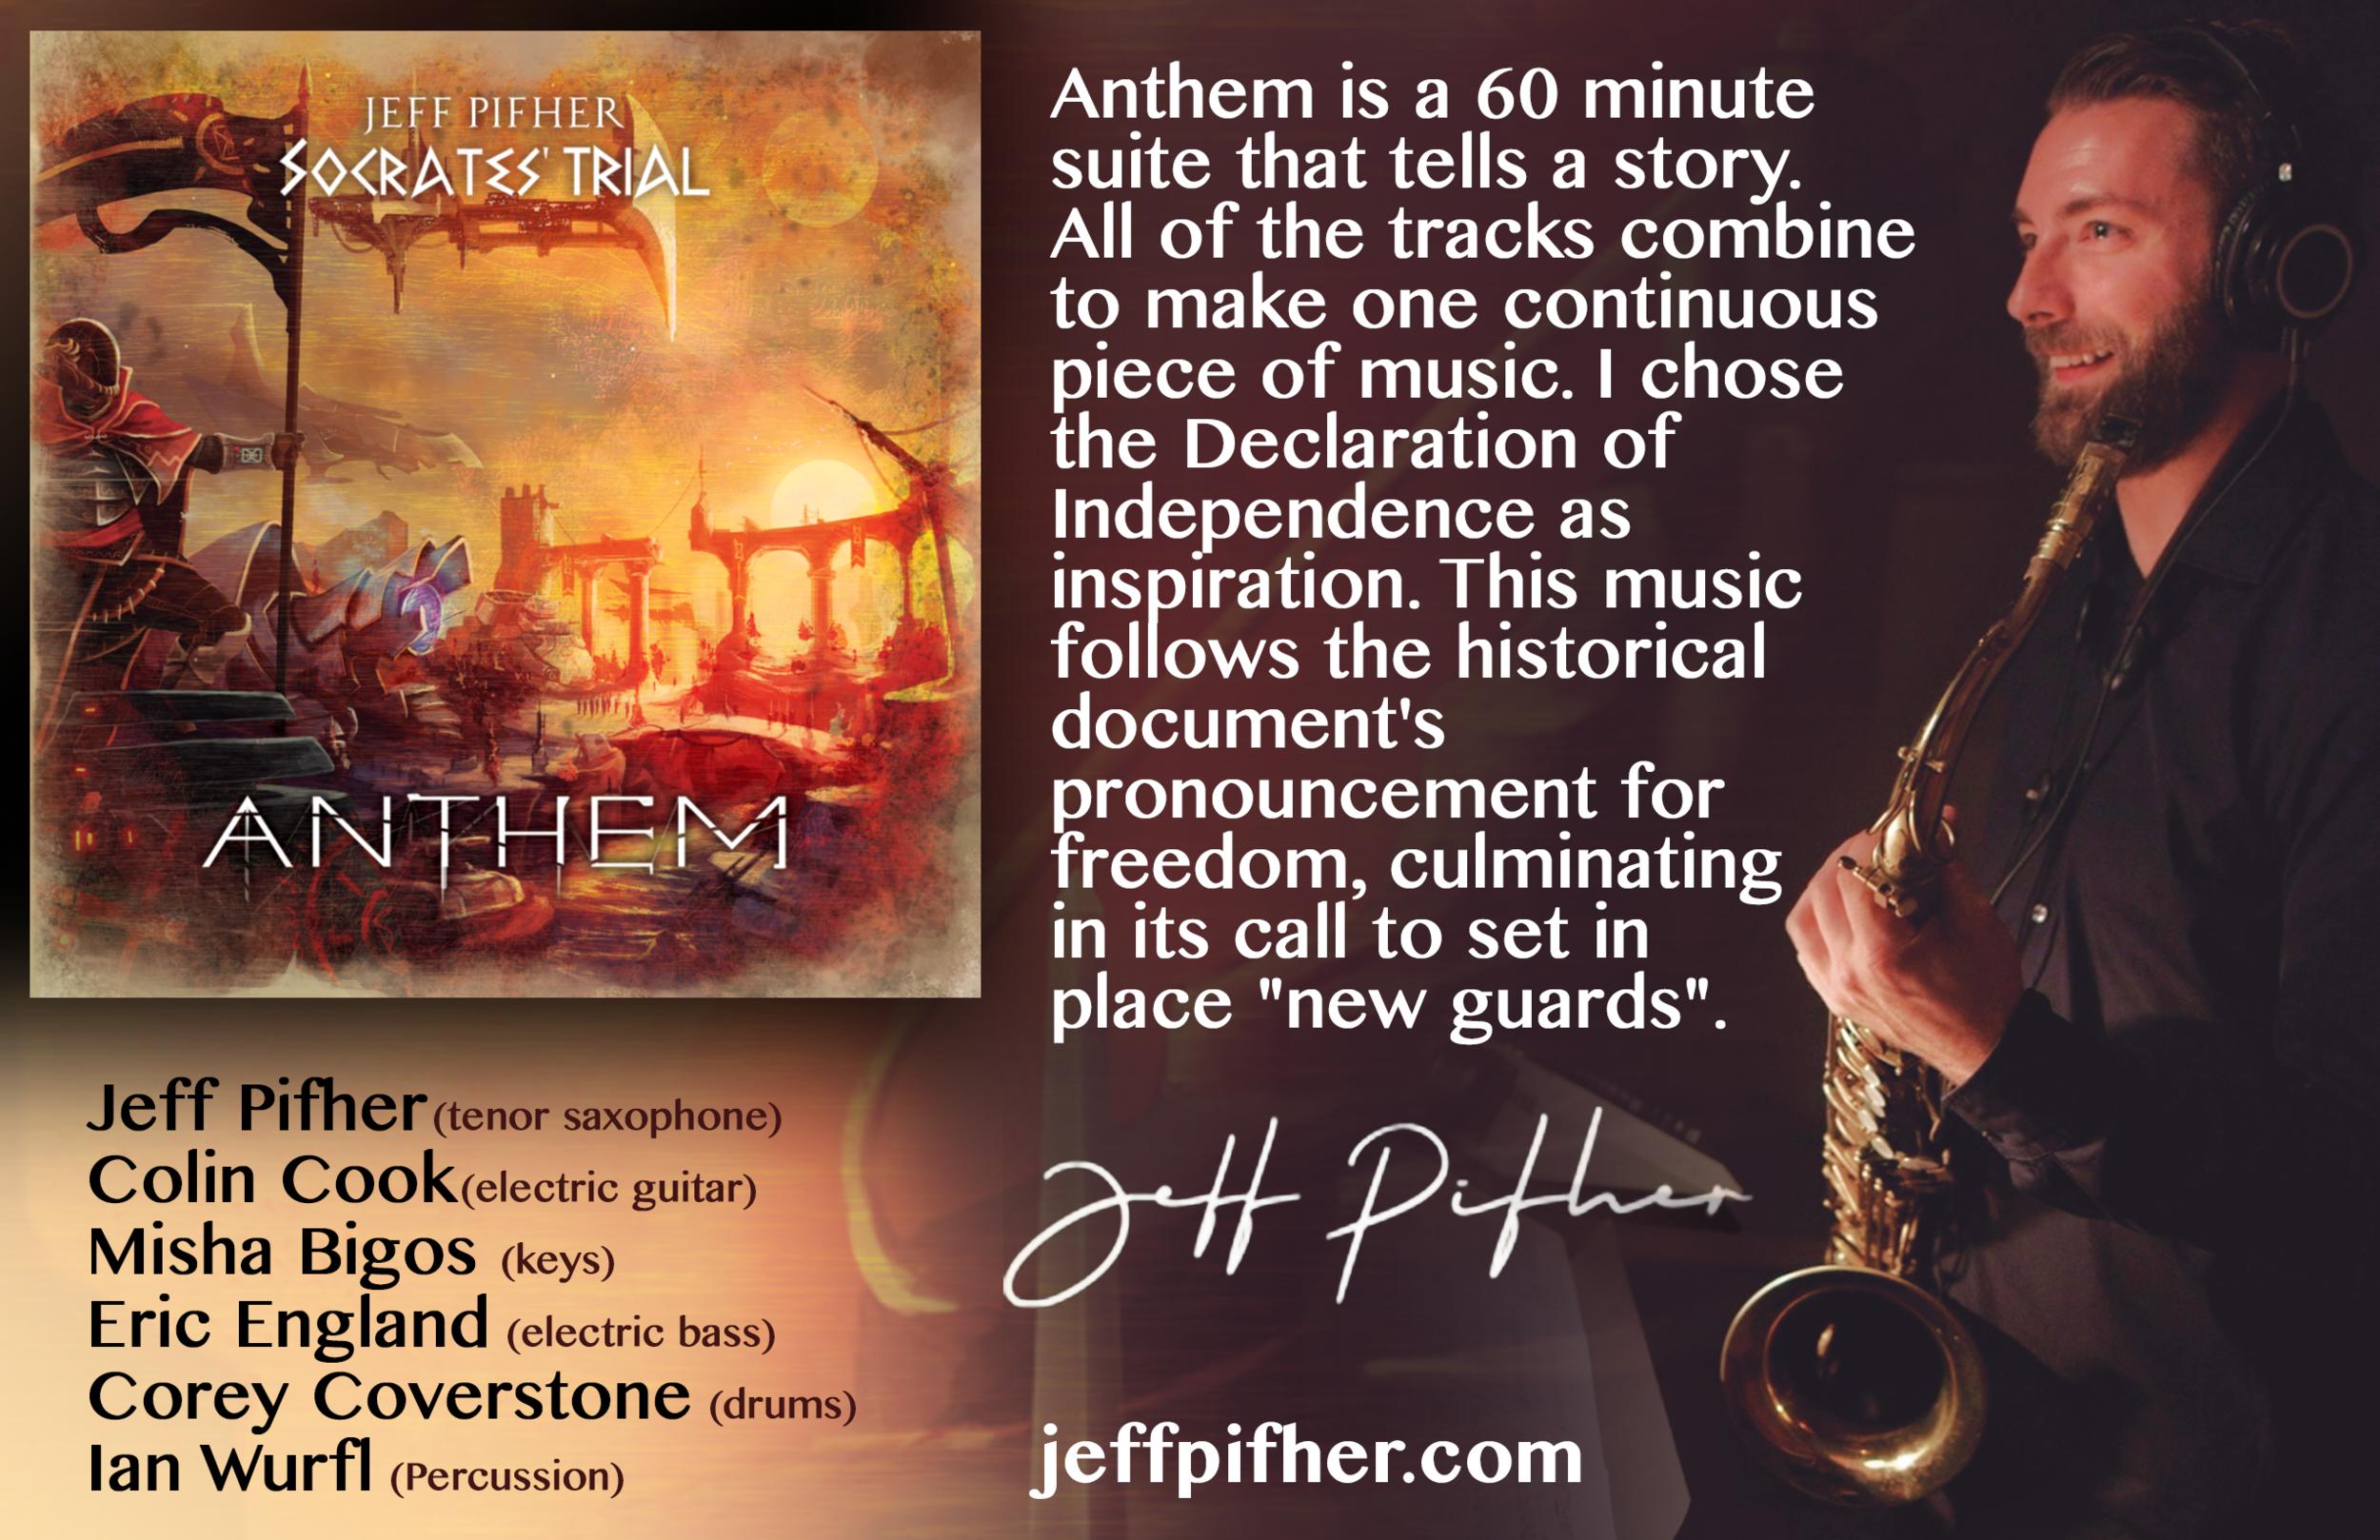 _Half Sheet_Jeff Pifher_Anthem.png